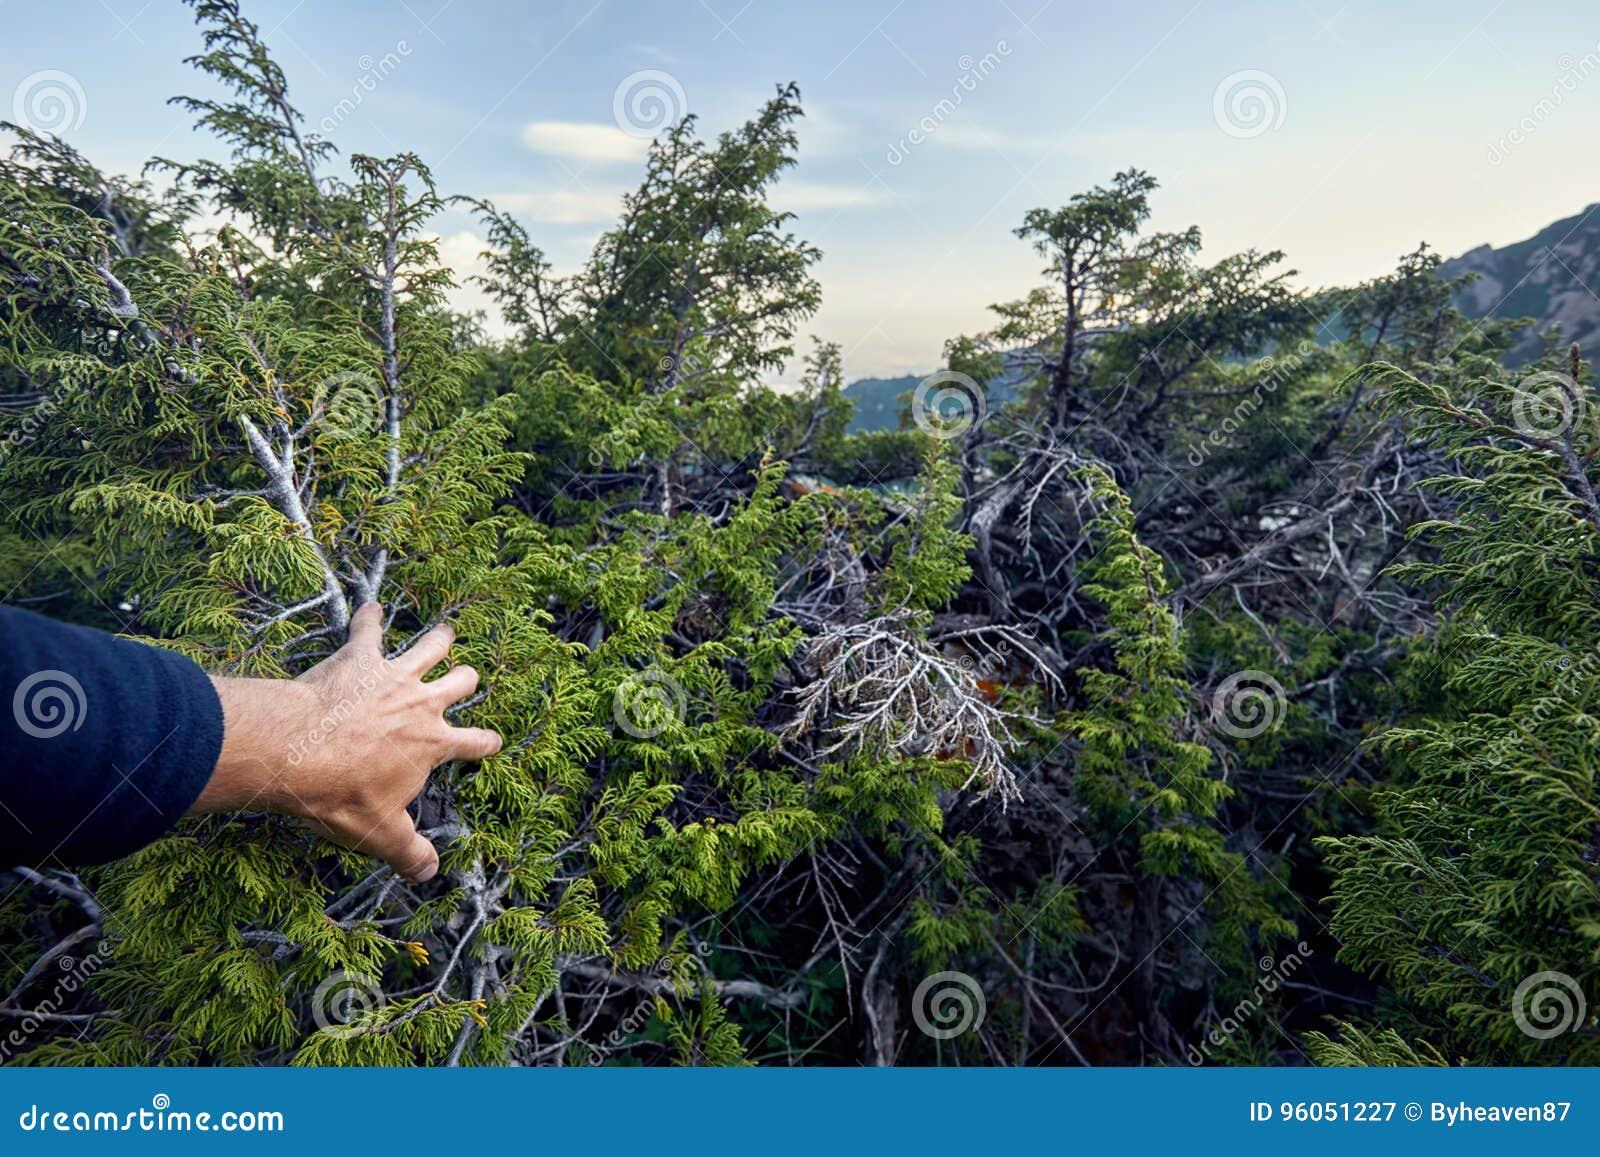 Touriste dans la forêt